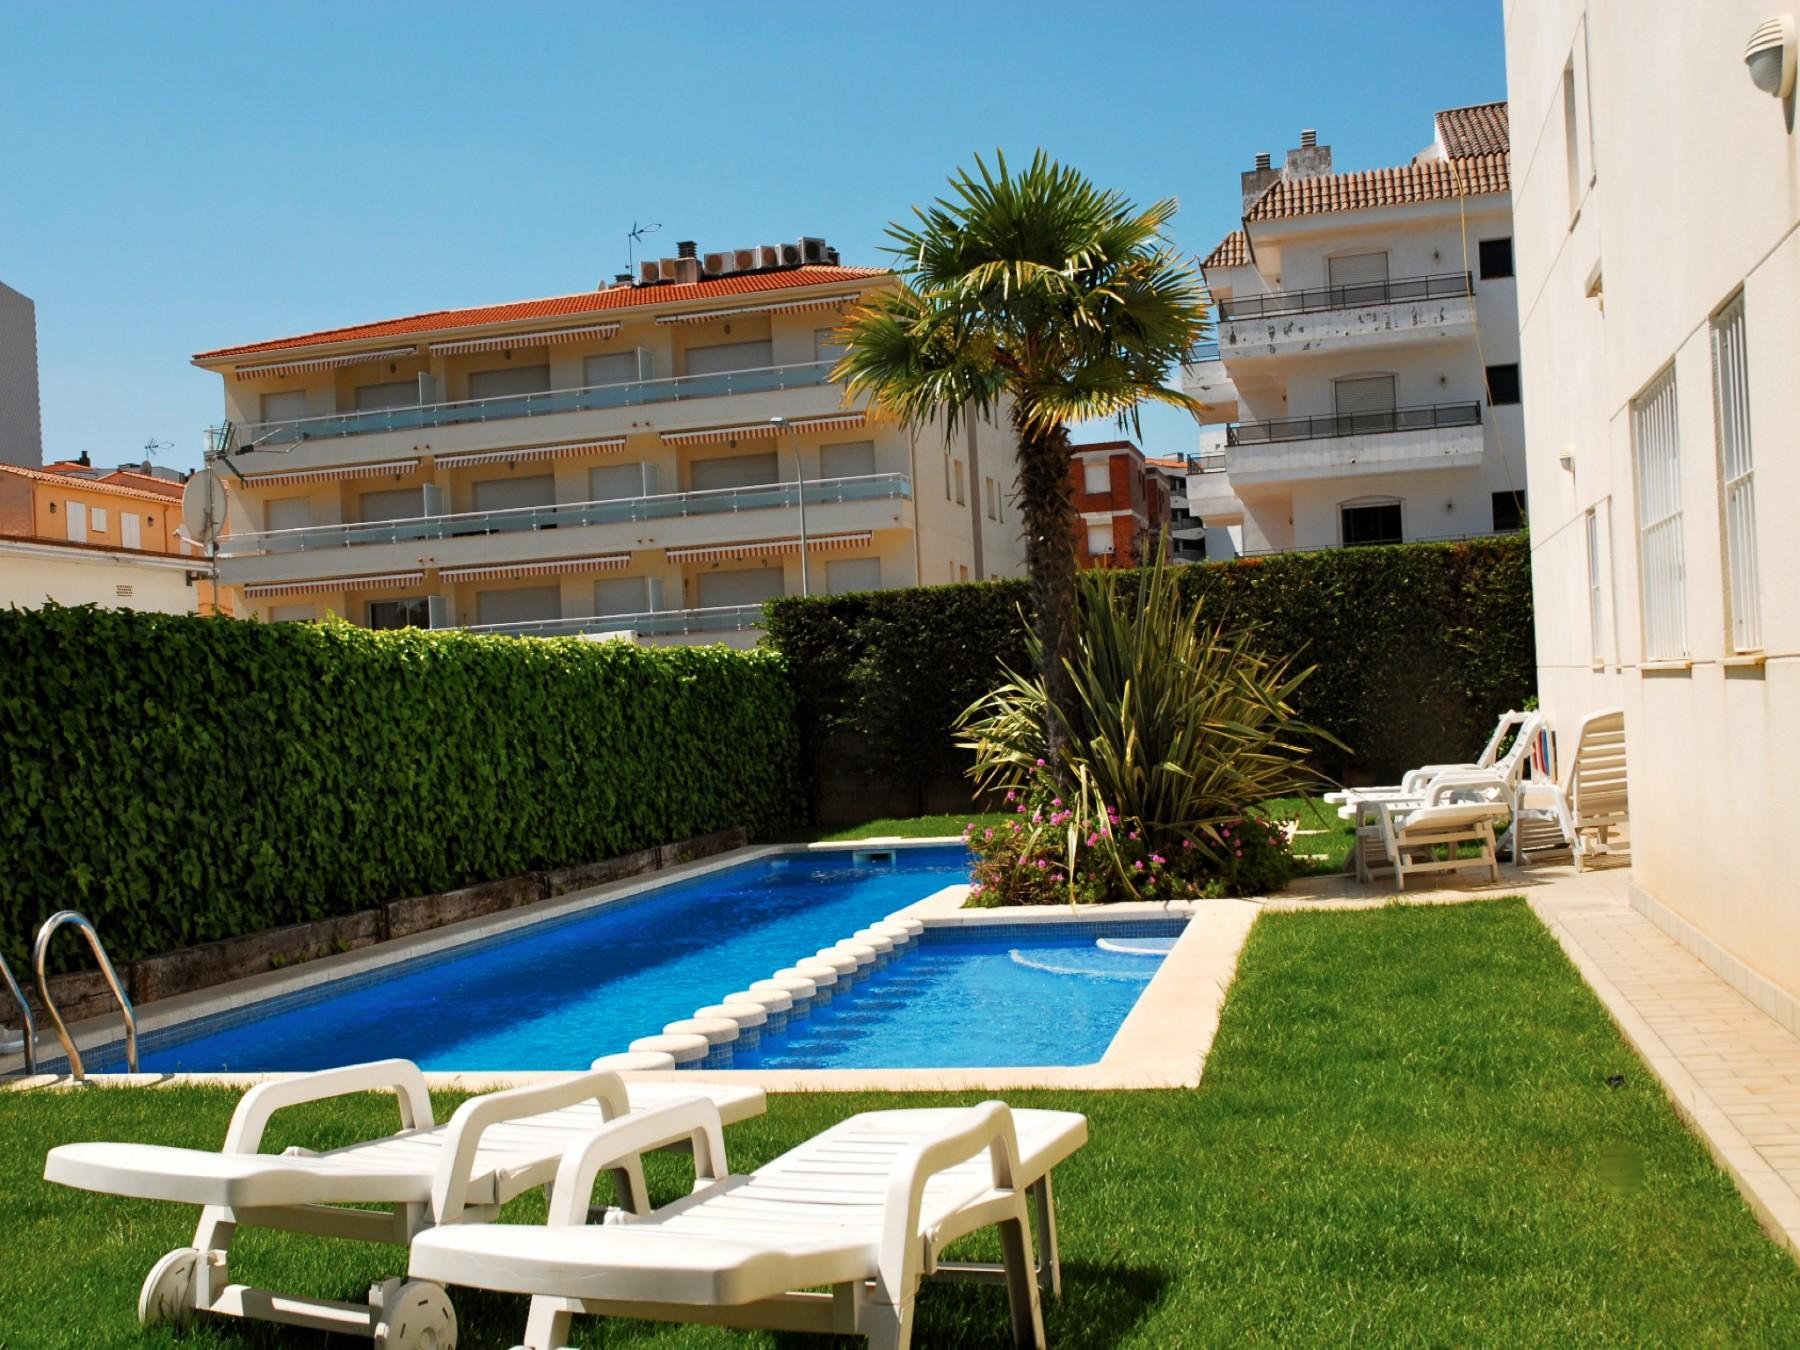 BRISES DEL MAR Bxos-1 for 5 guests in L Estartit, Spanien